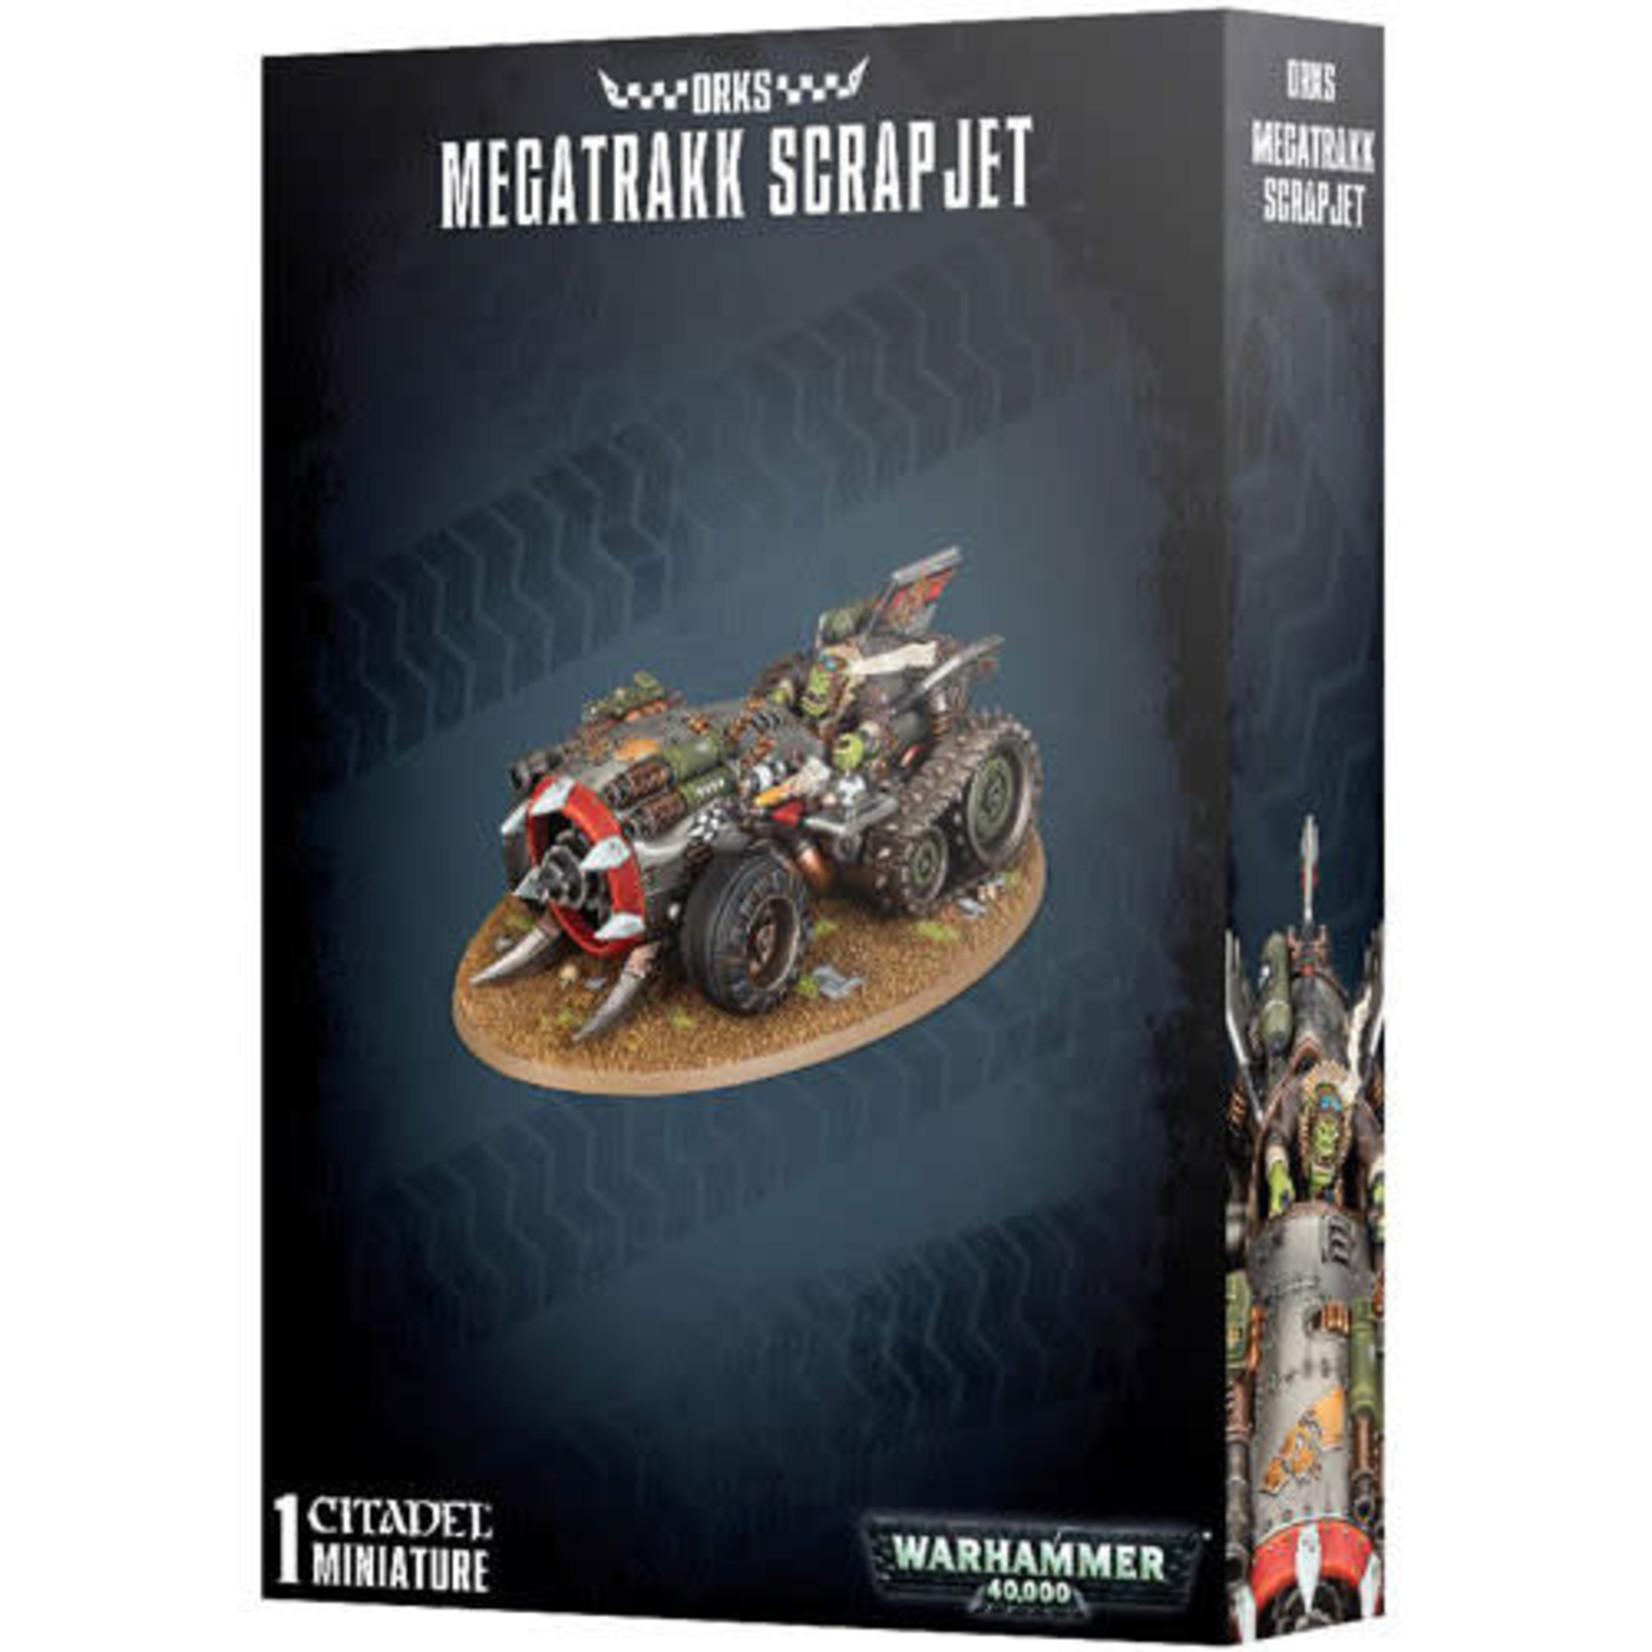 Megatrakk Scrapjet (40K)